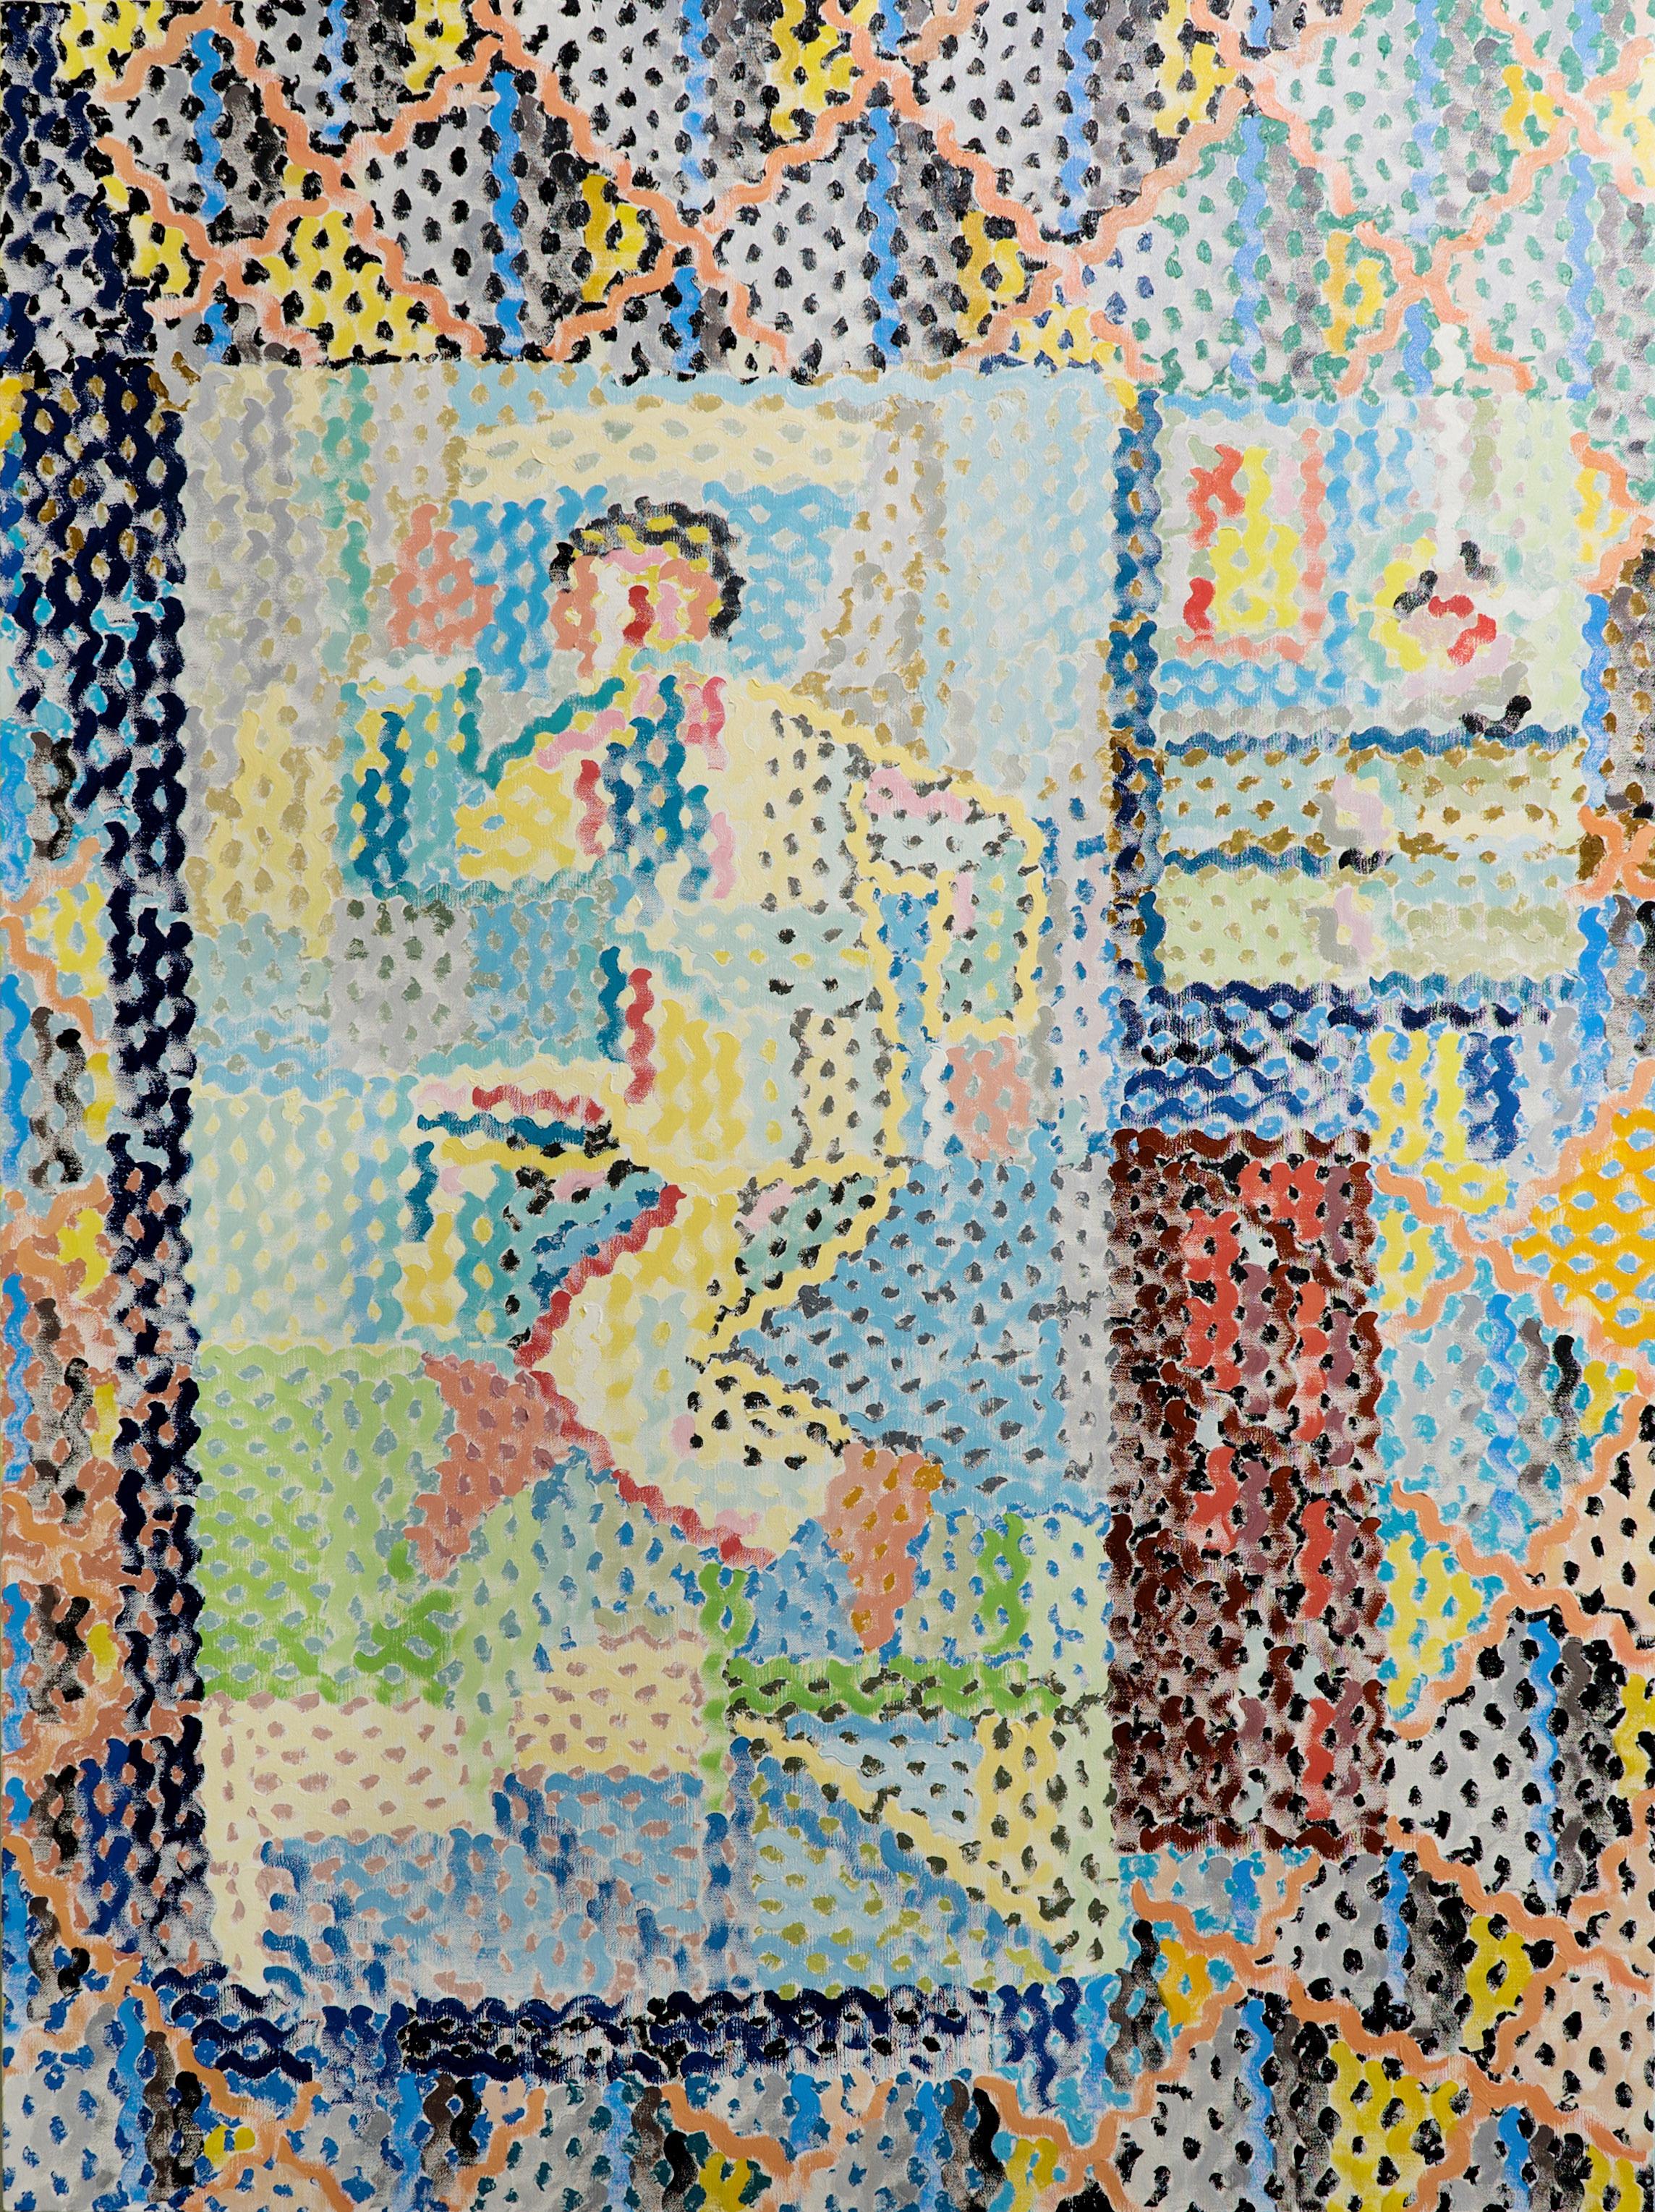 Galerie Barbara Thumm \ ZWANZIG anniversary exhibition 20 years Galerie Barbara Thumm \ Hombre casi dormido (2017)